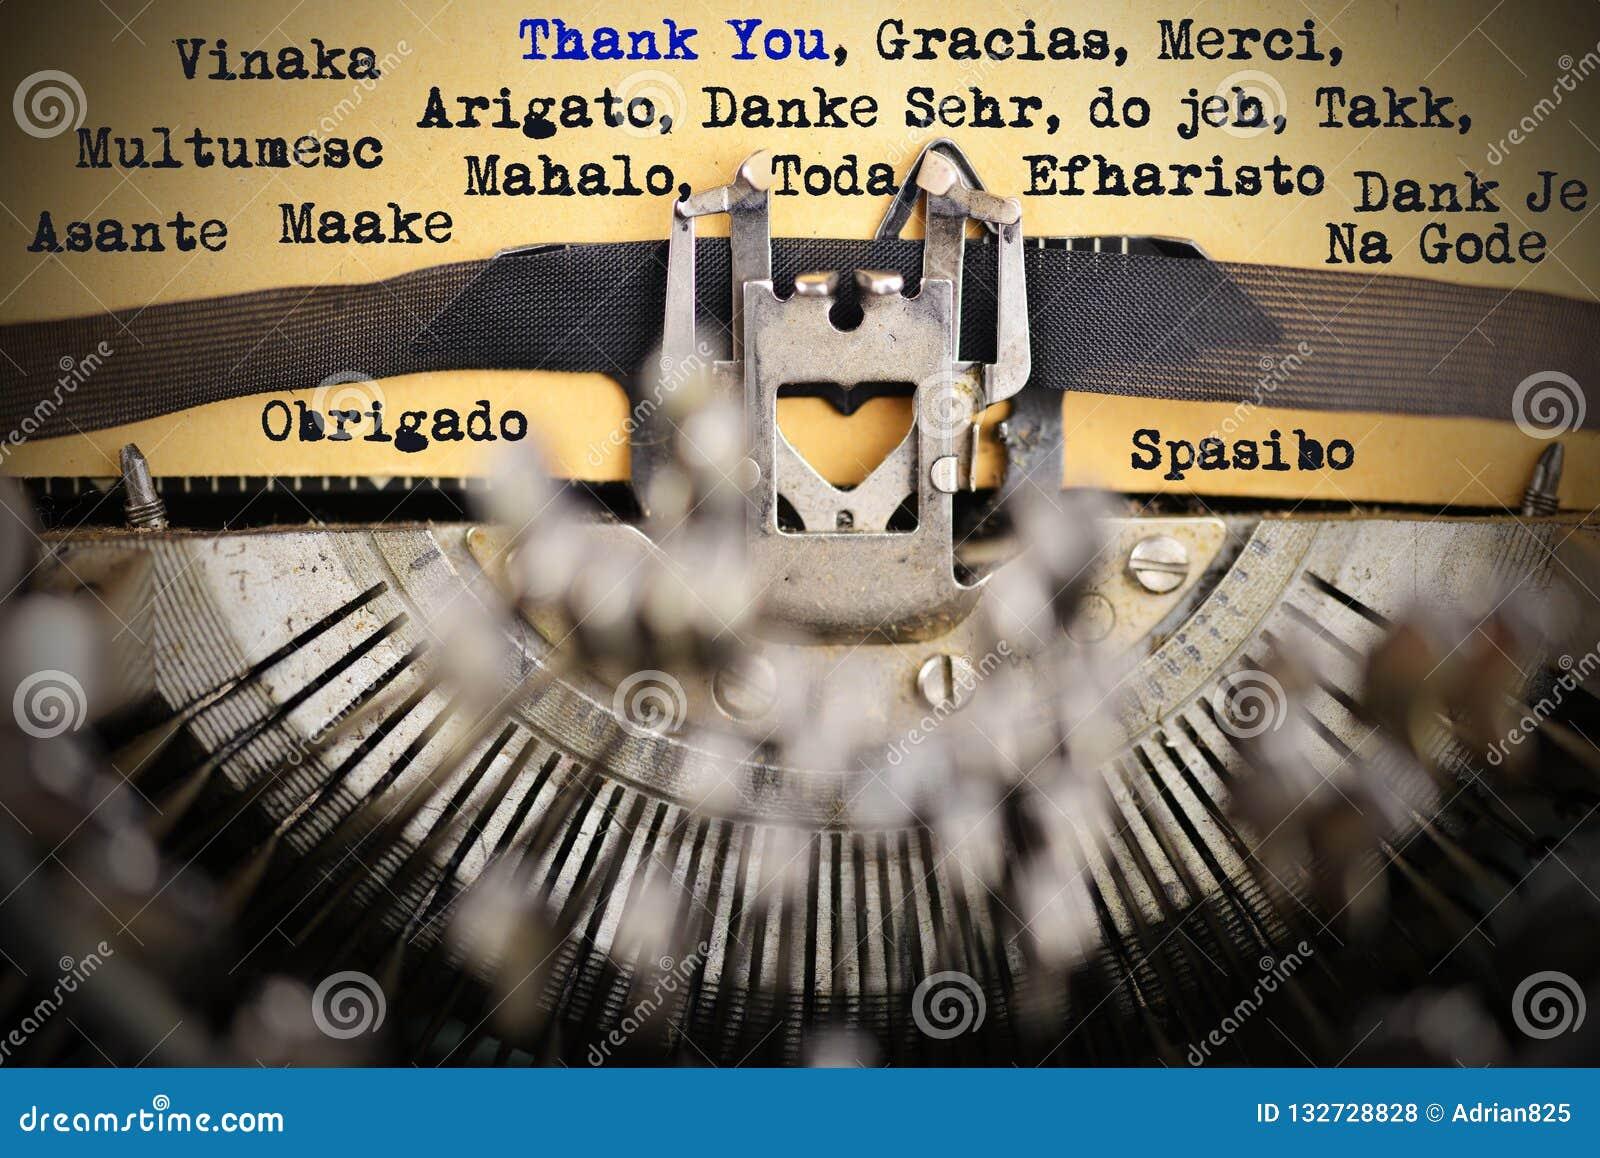 Спасибо в различных языках напечатанное ретро машинкой